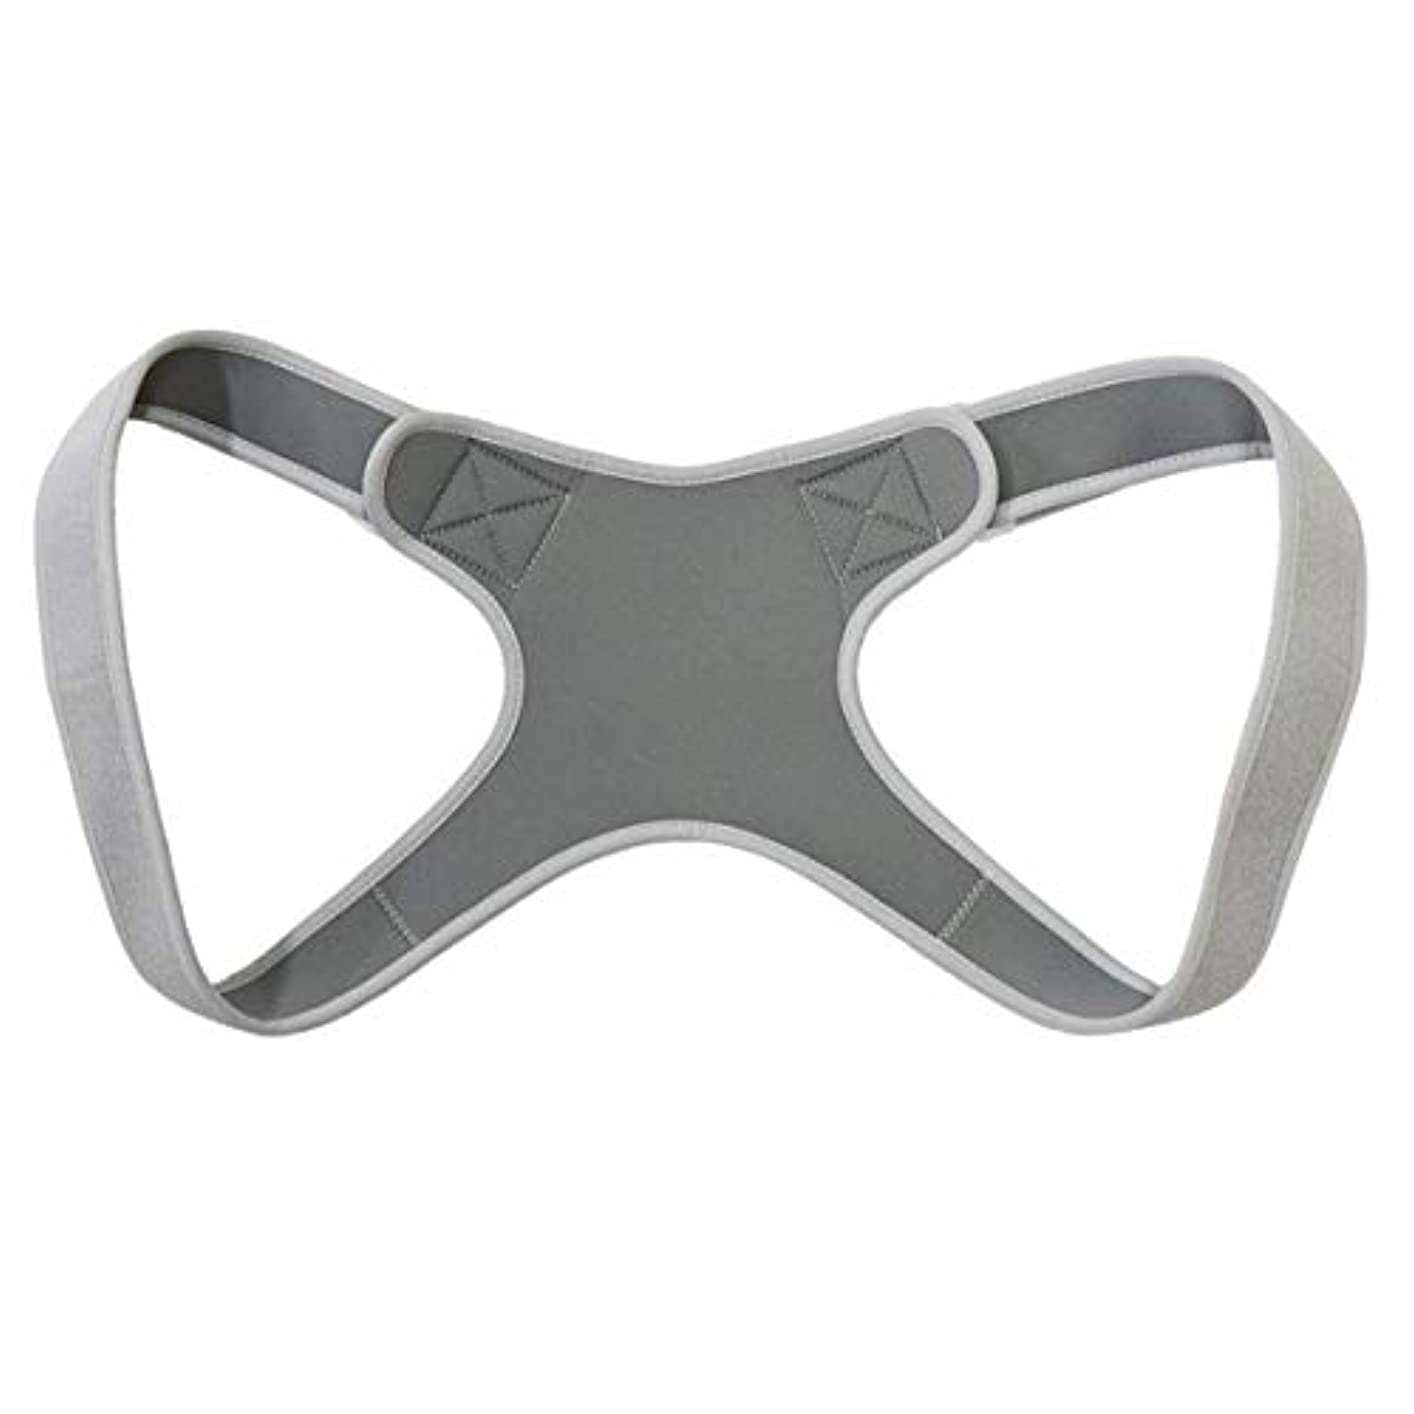 側マウス鋼新しいアッパーバックポスチャーコレクター姿勢鎖骨サポートコレクターバックストレートショルダーブレースストラップコレクター - グレー